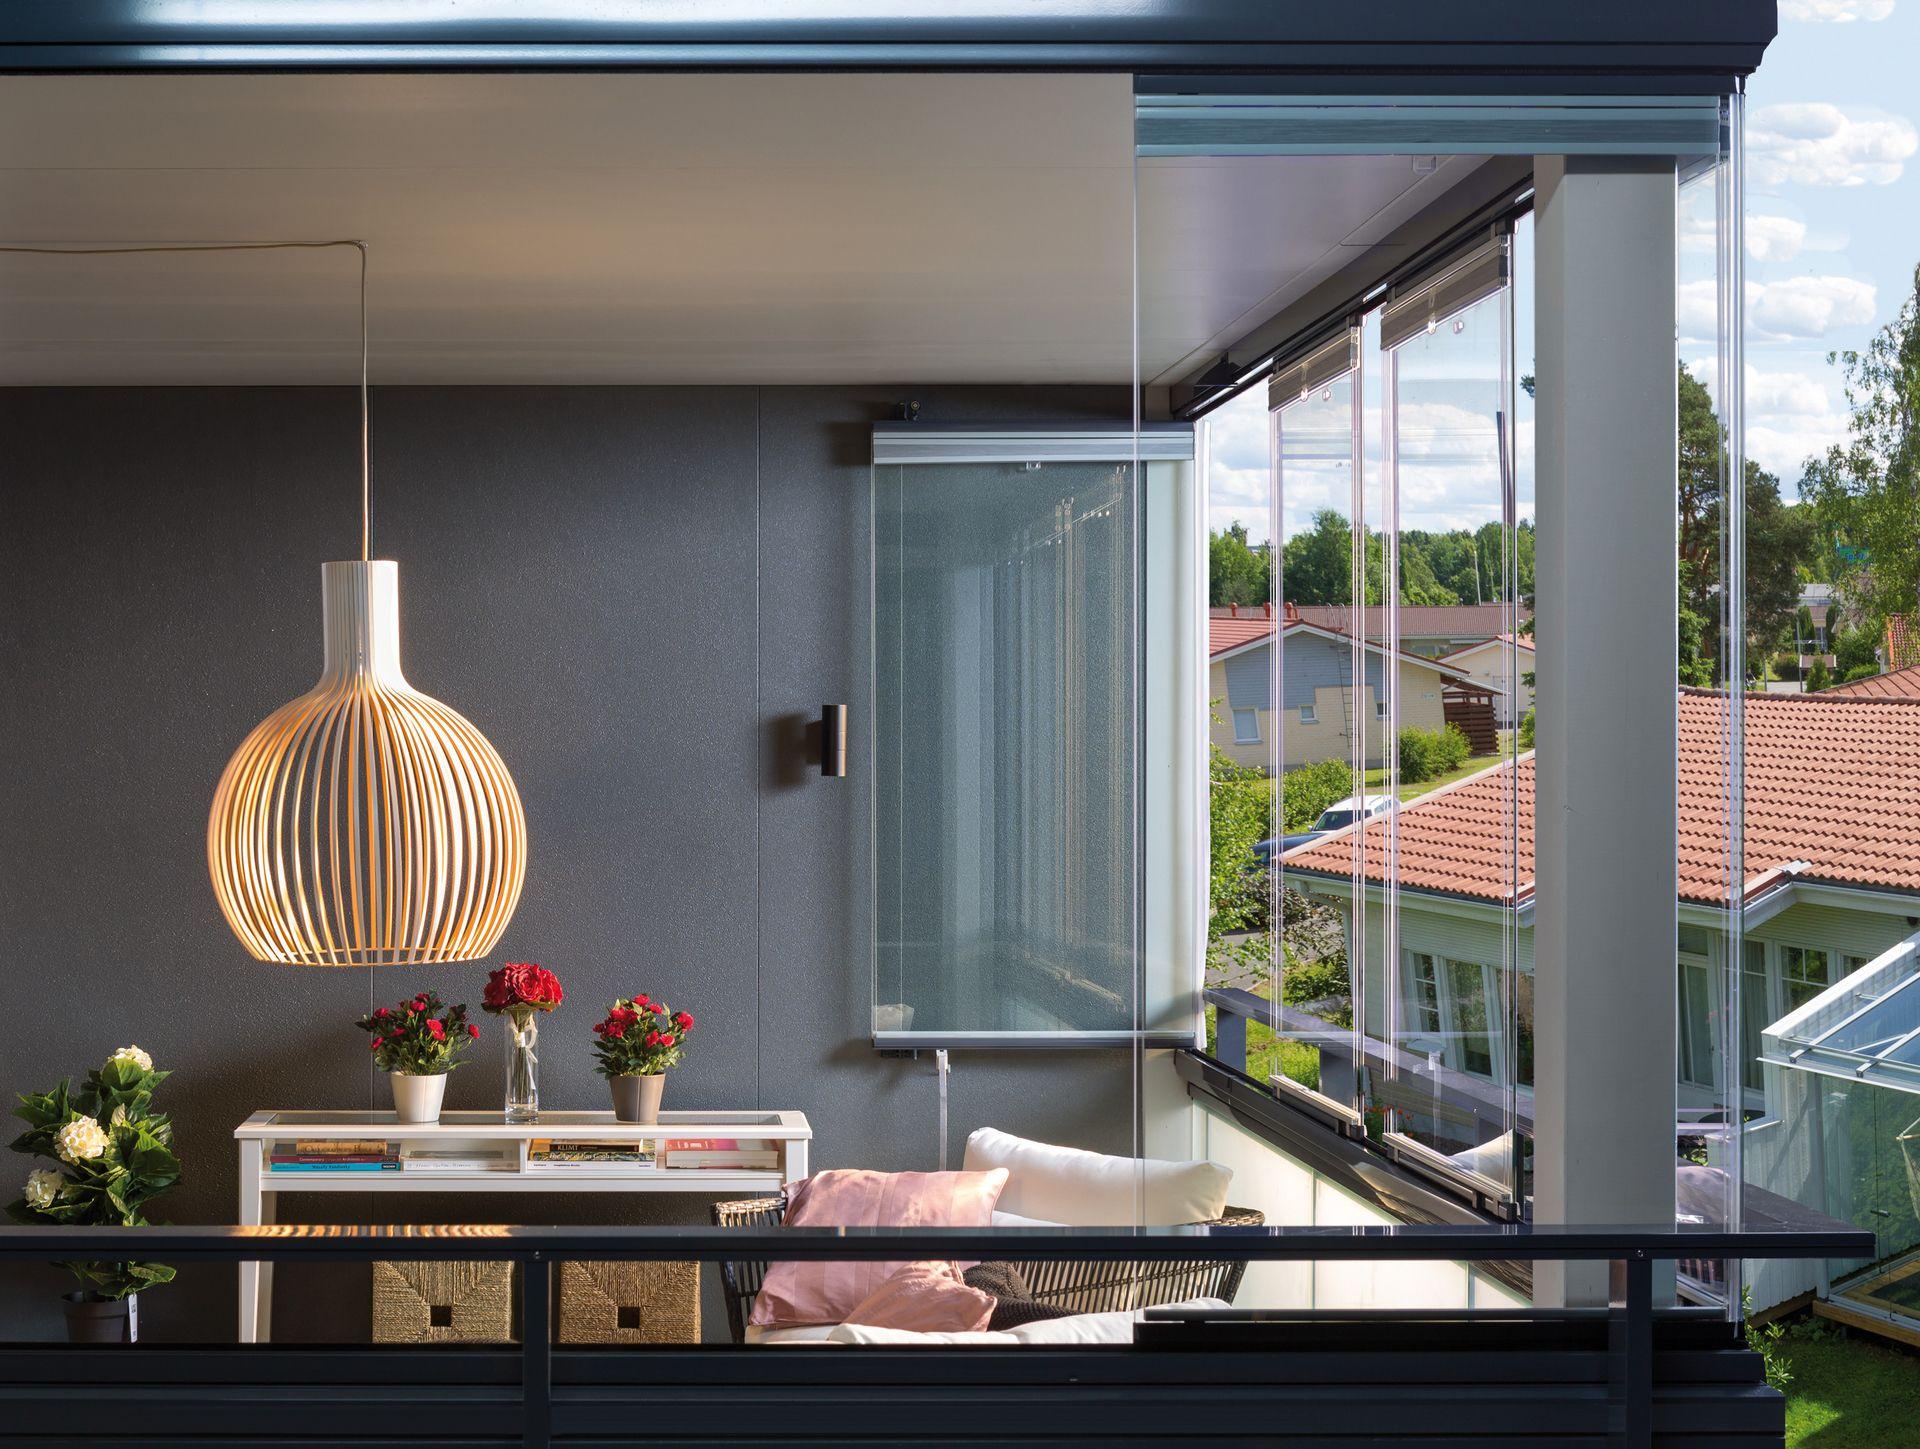 Top Lumon Balkonverglasungen | Lumon Deutschland - heinze.de @EN_94